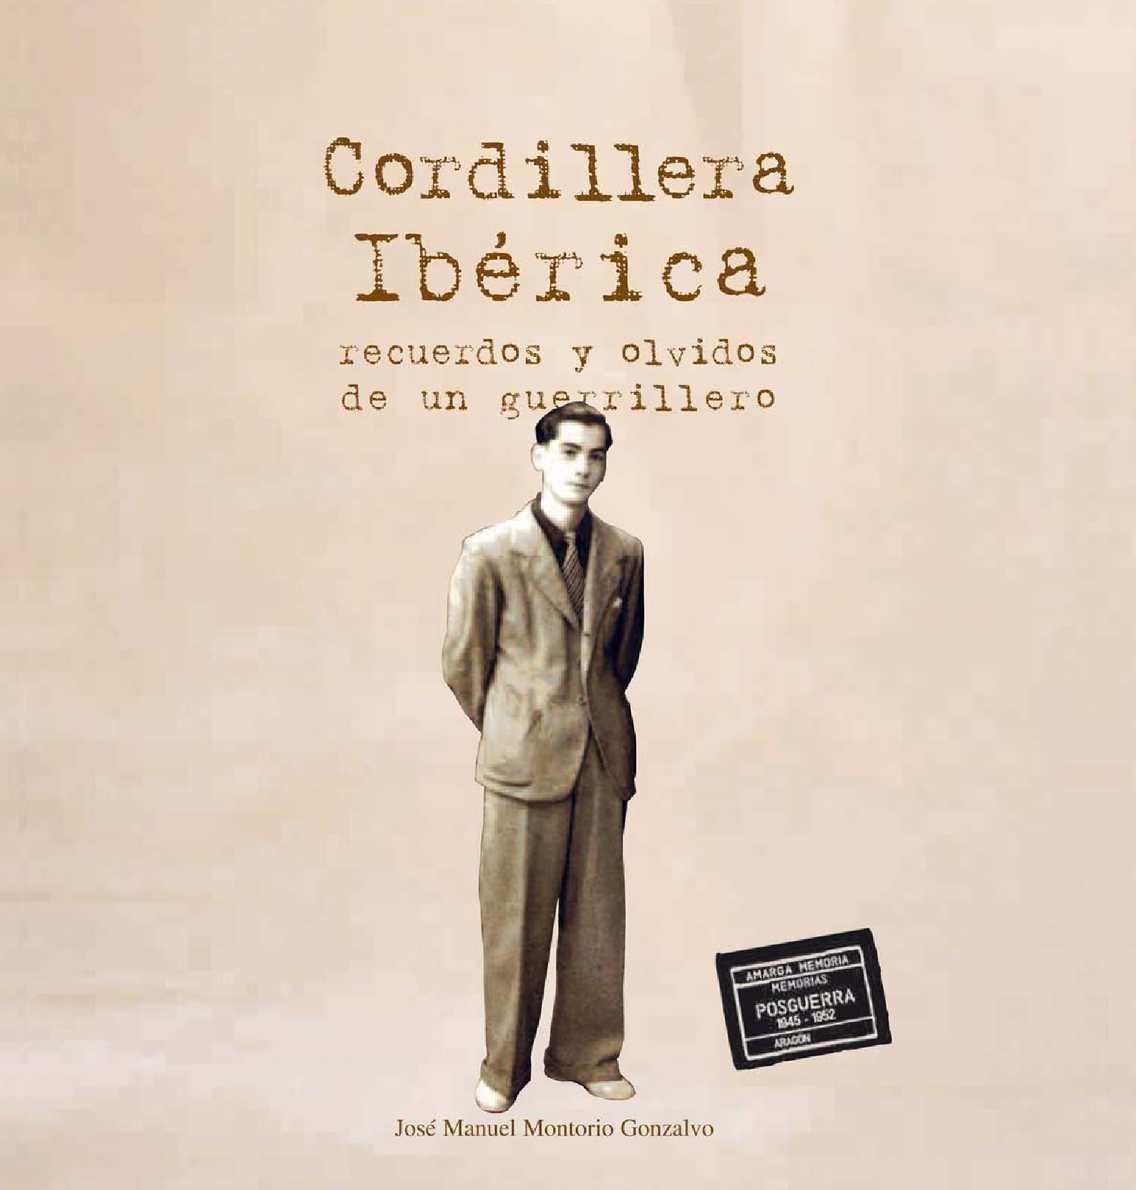 Calaméo - CORDILLERA IBERICA compañero anti franquista anti fascista ...